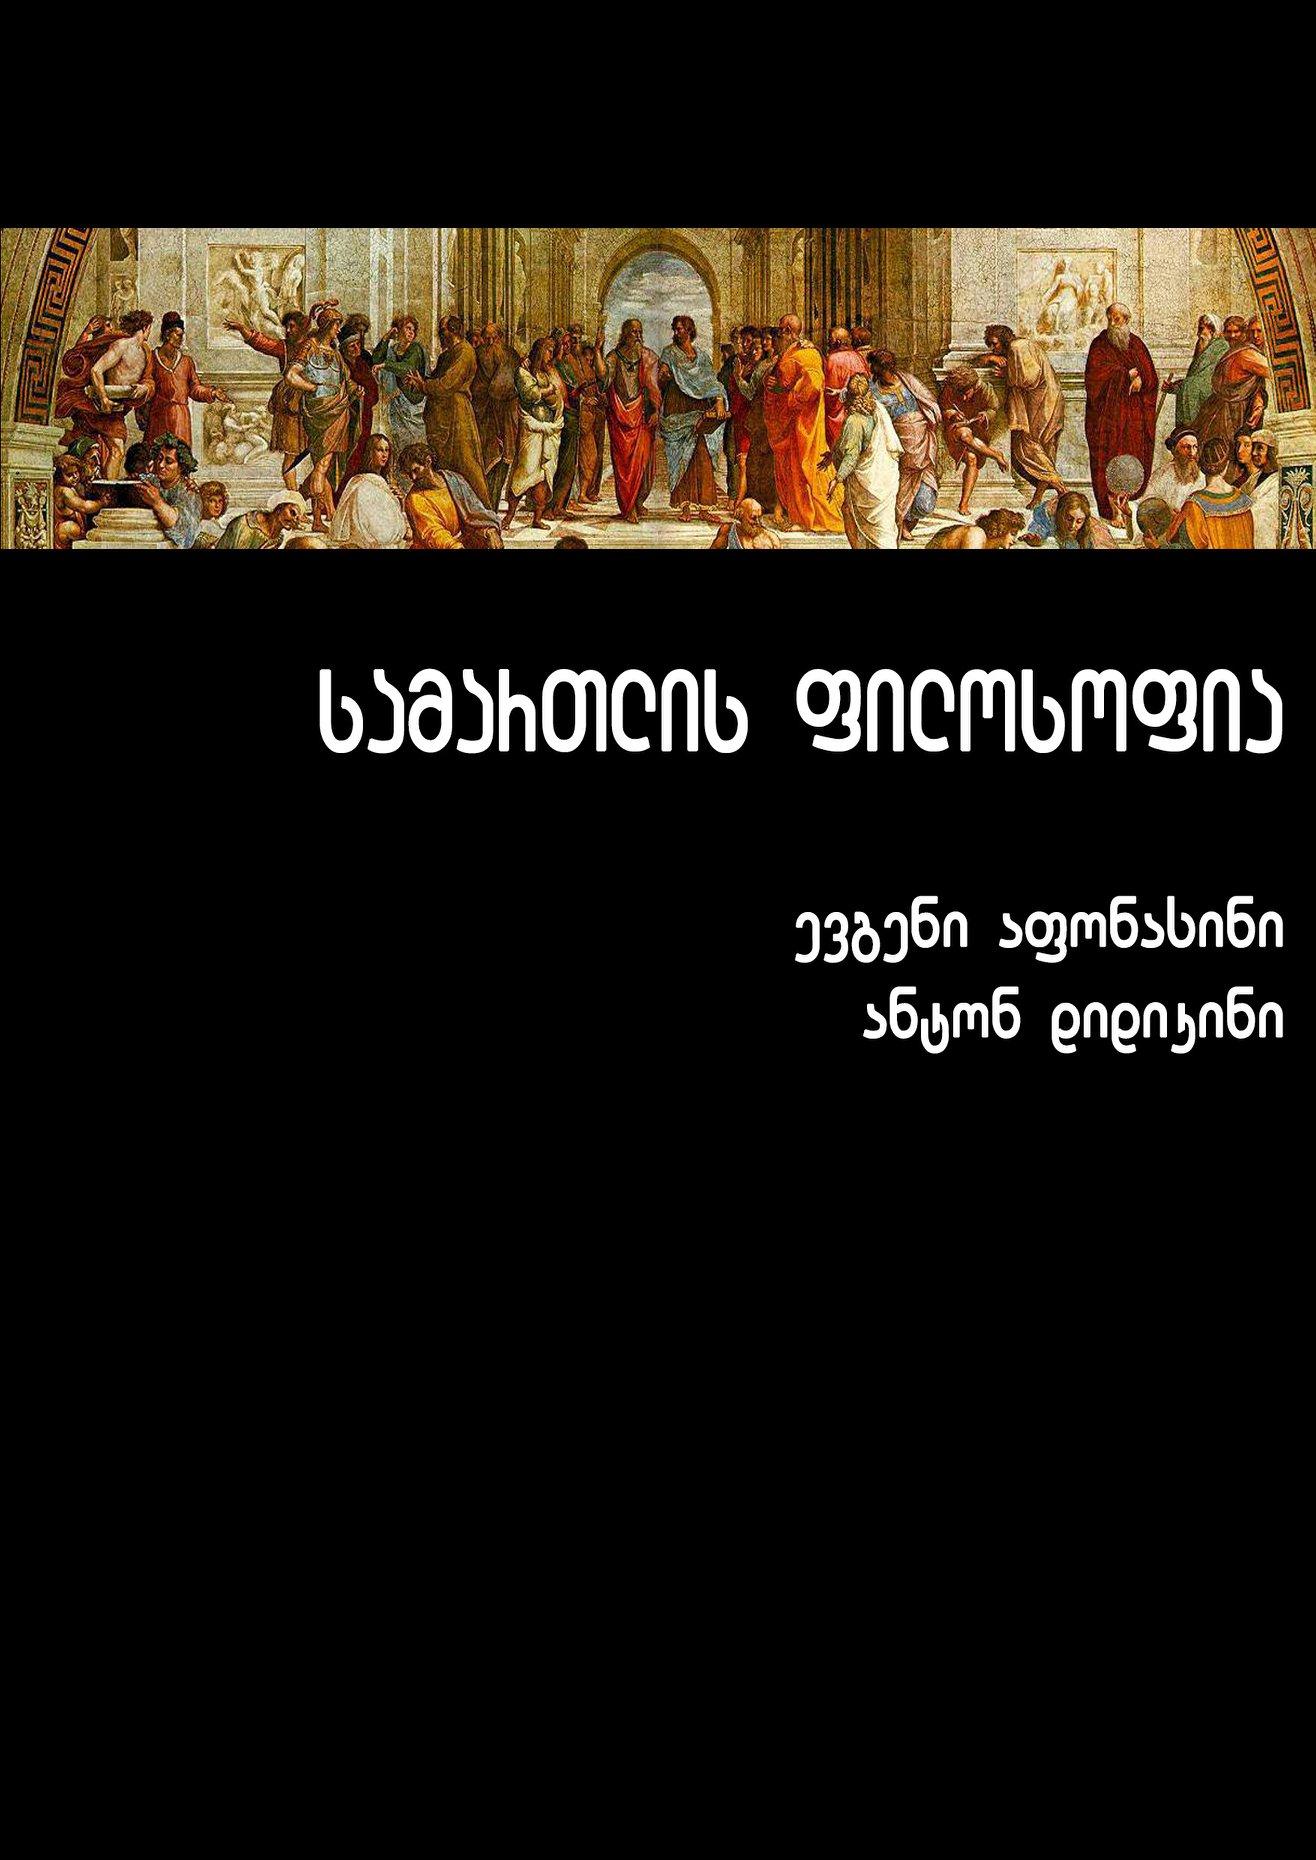 ევგენი აფონასინი, ანტონ დიდიკინი - სამართლის ფილოსოფია